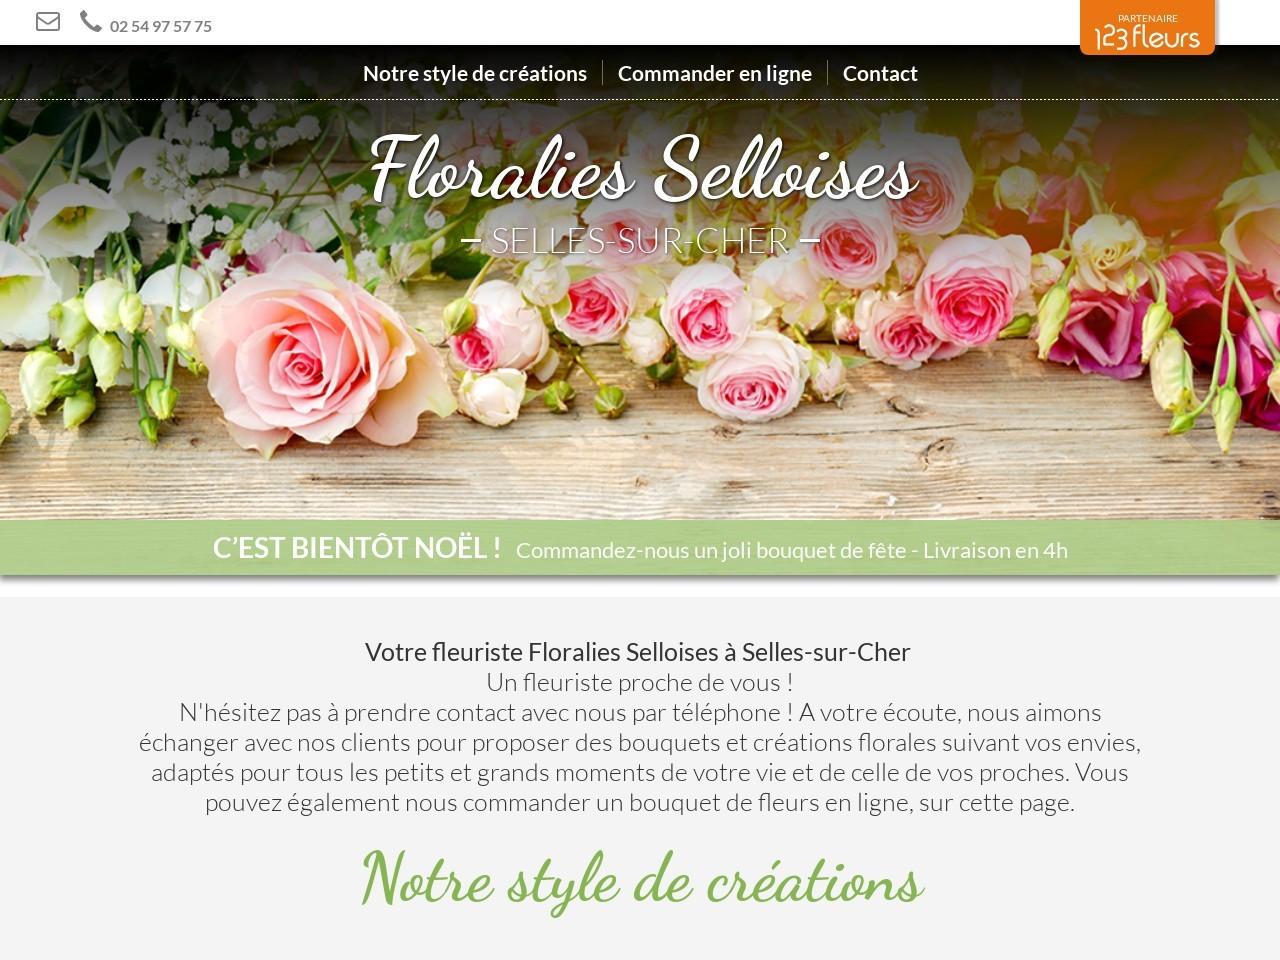 Site fleuriste Floralies Selloises- 123fleurs